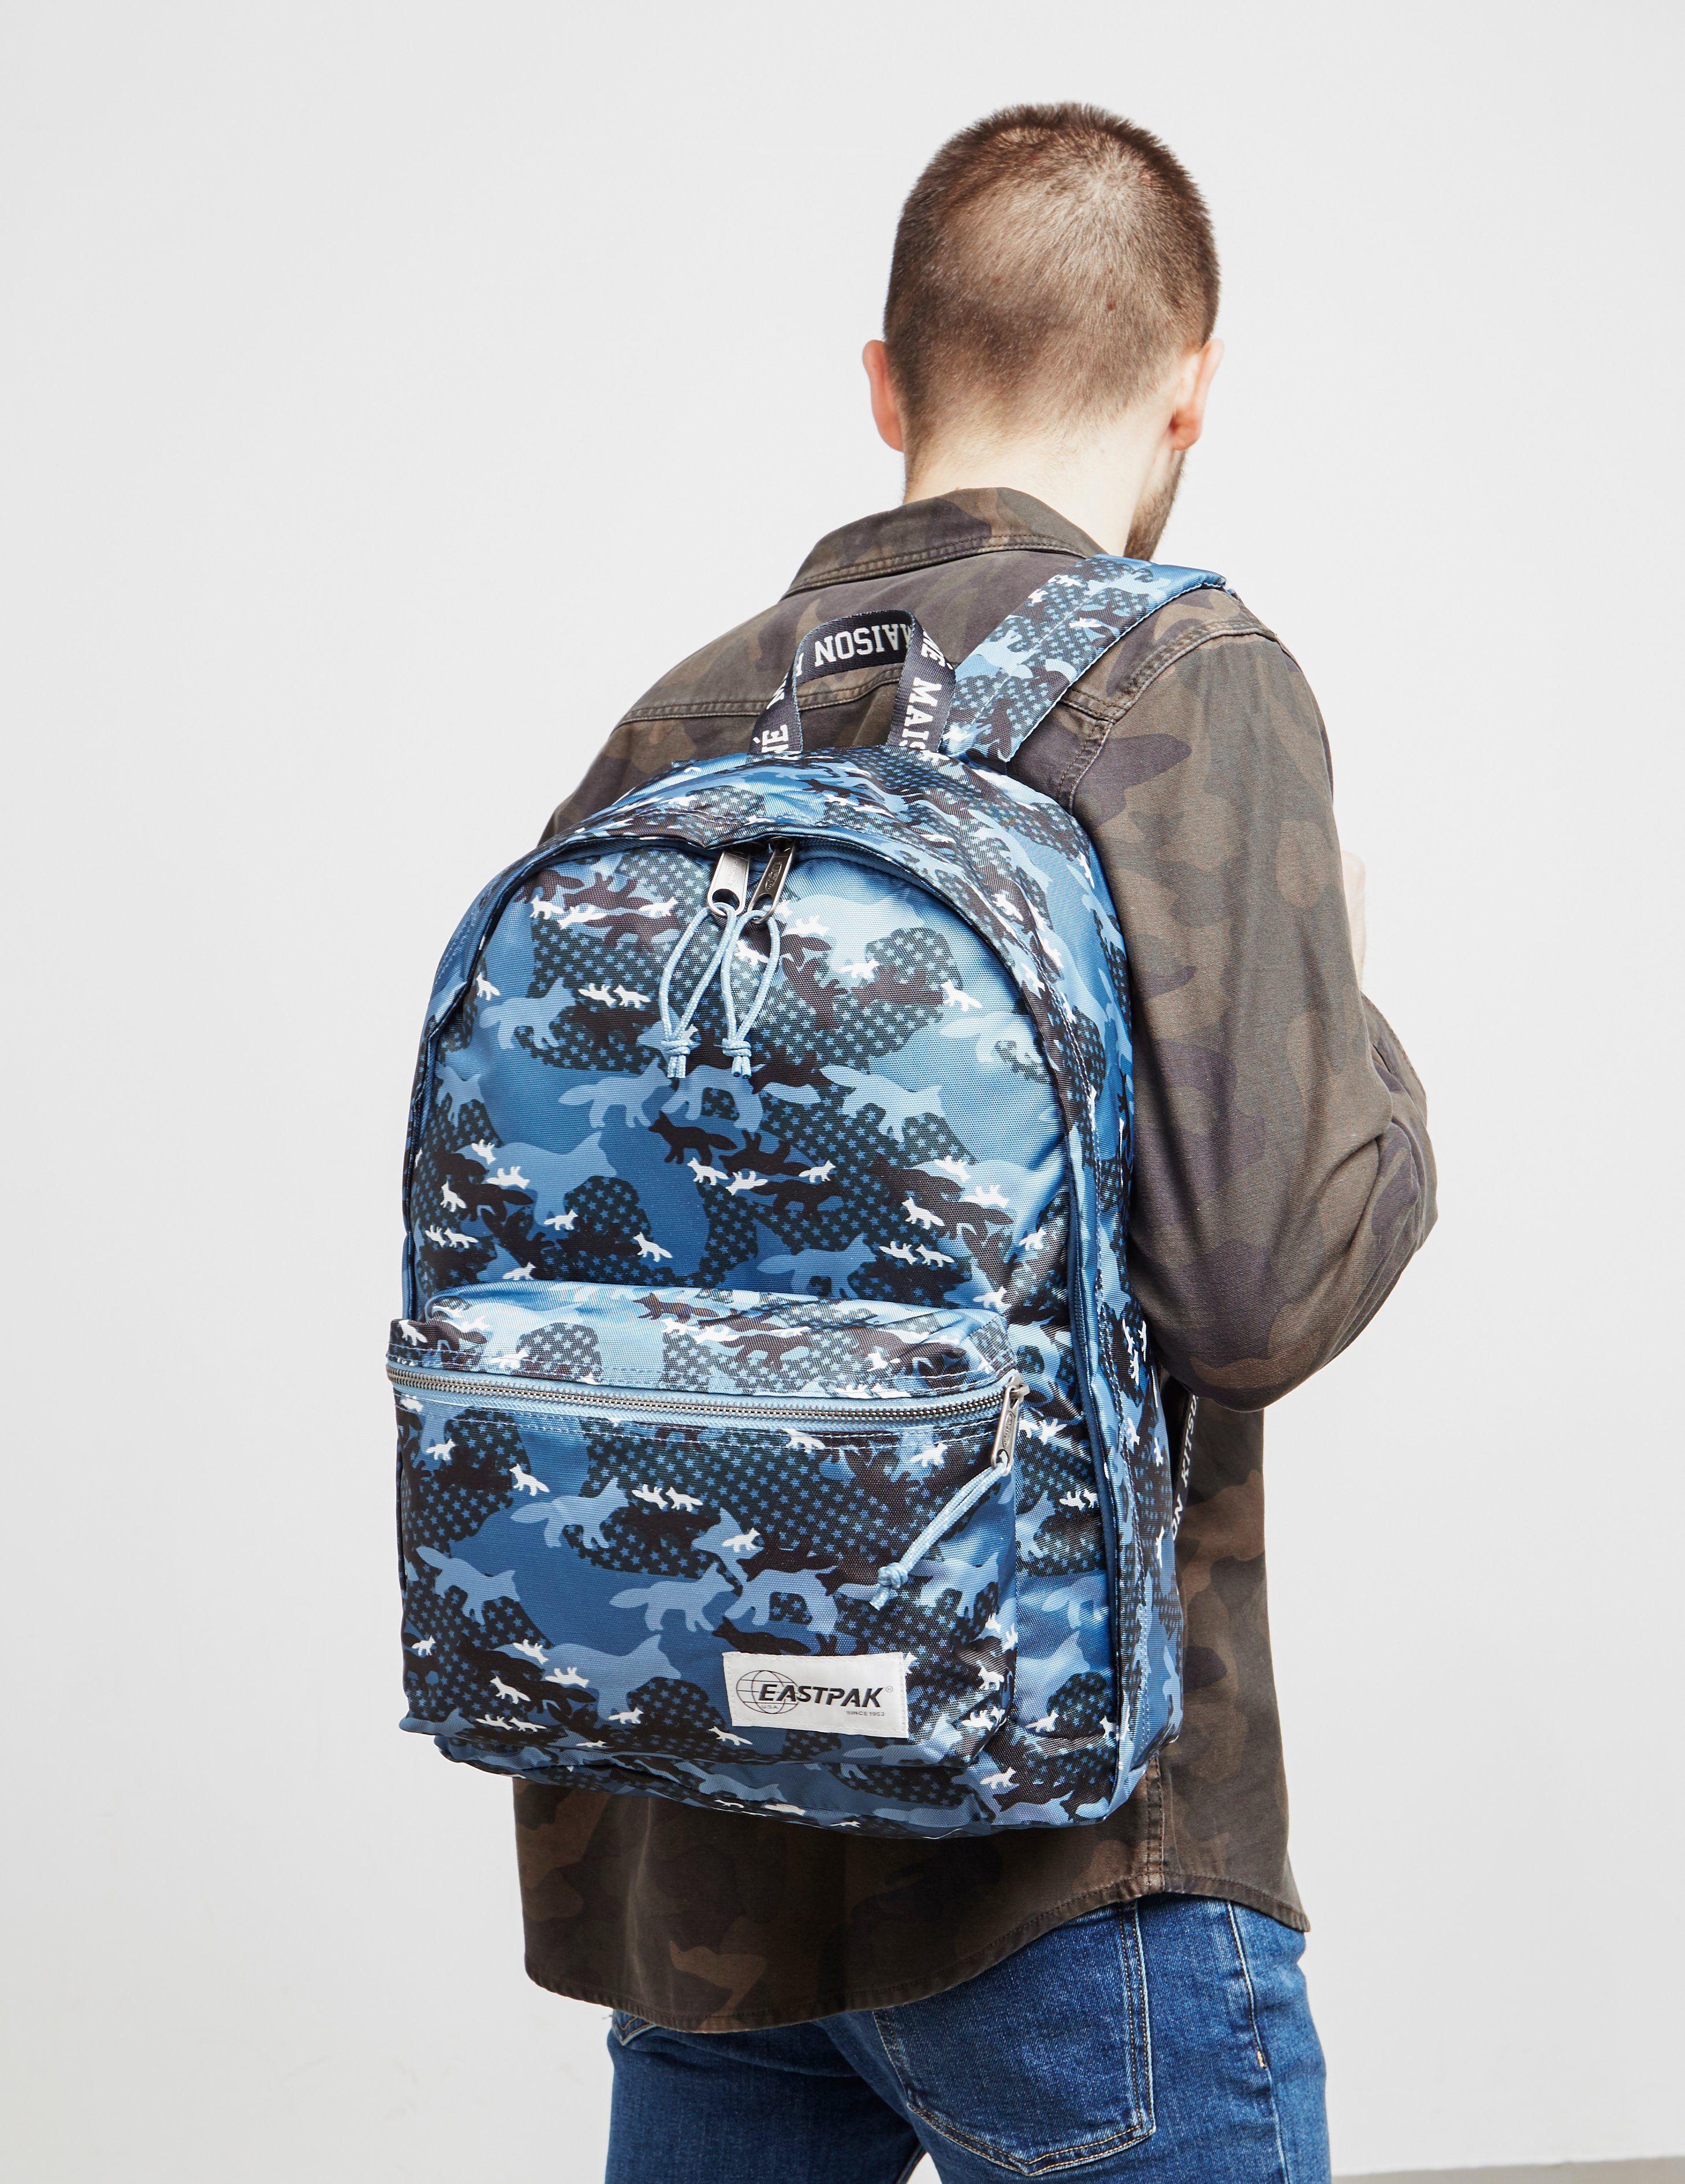 Maison Kitsune x Eastpak Backpack